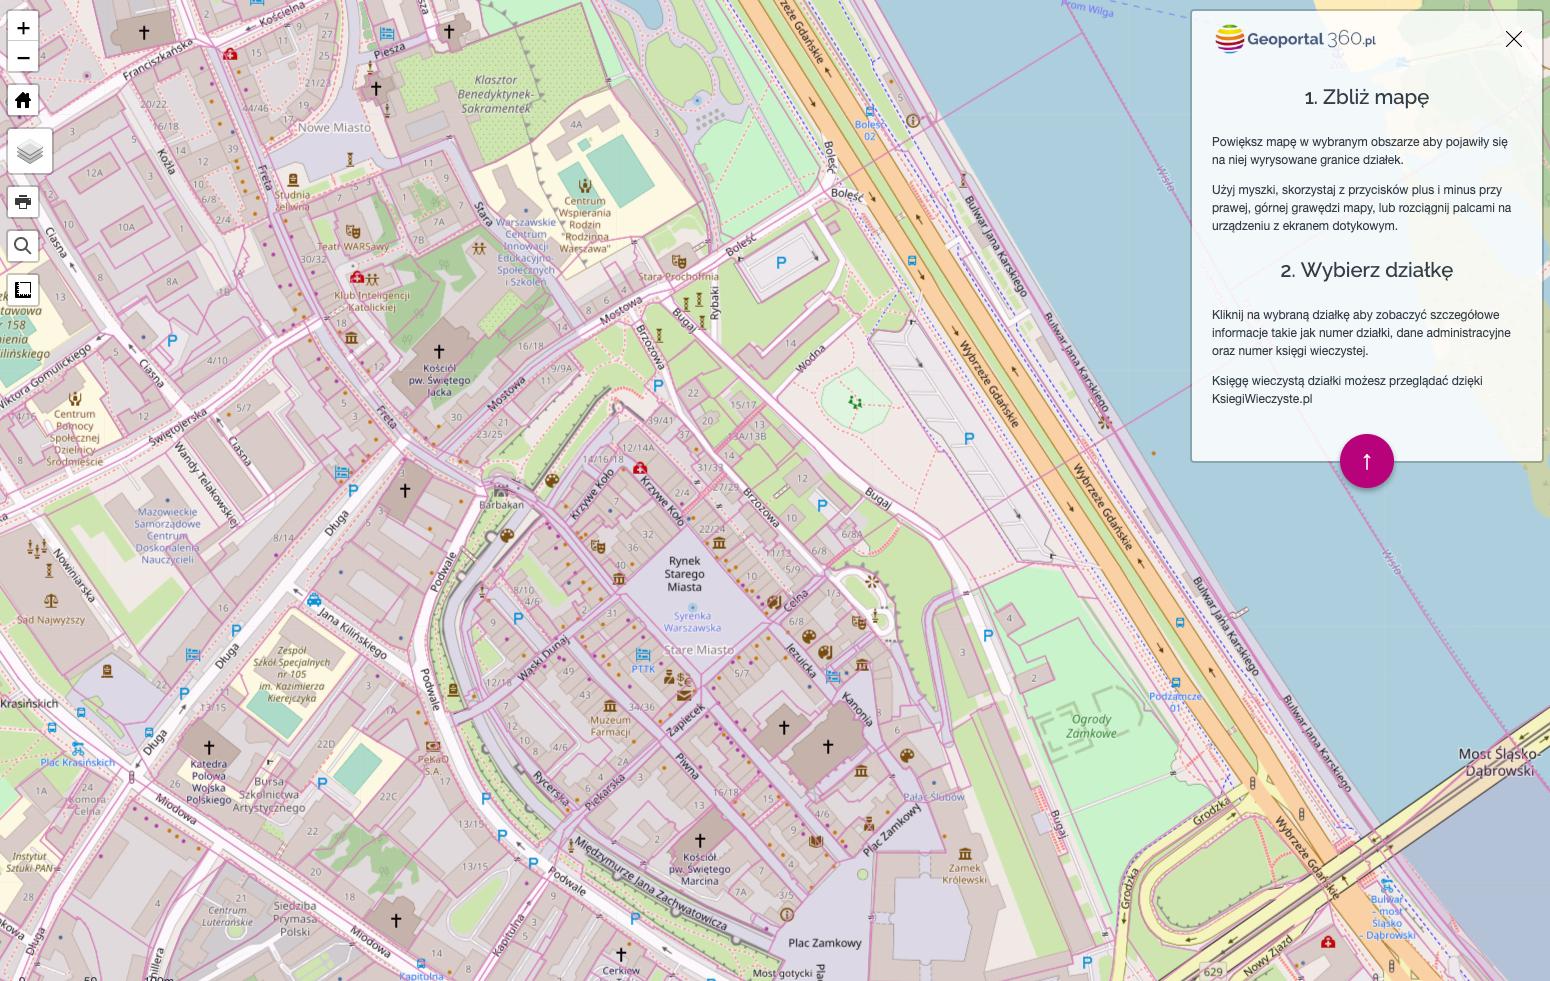 Mapa Z Numerami I Granicami Dzialek Geoportal360 Pl